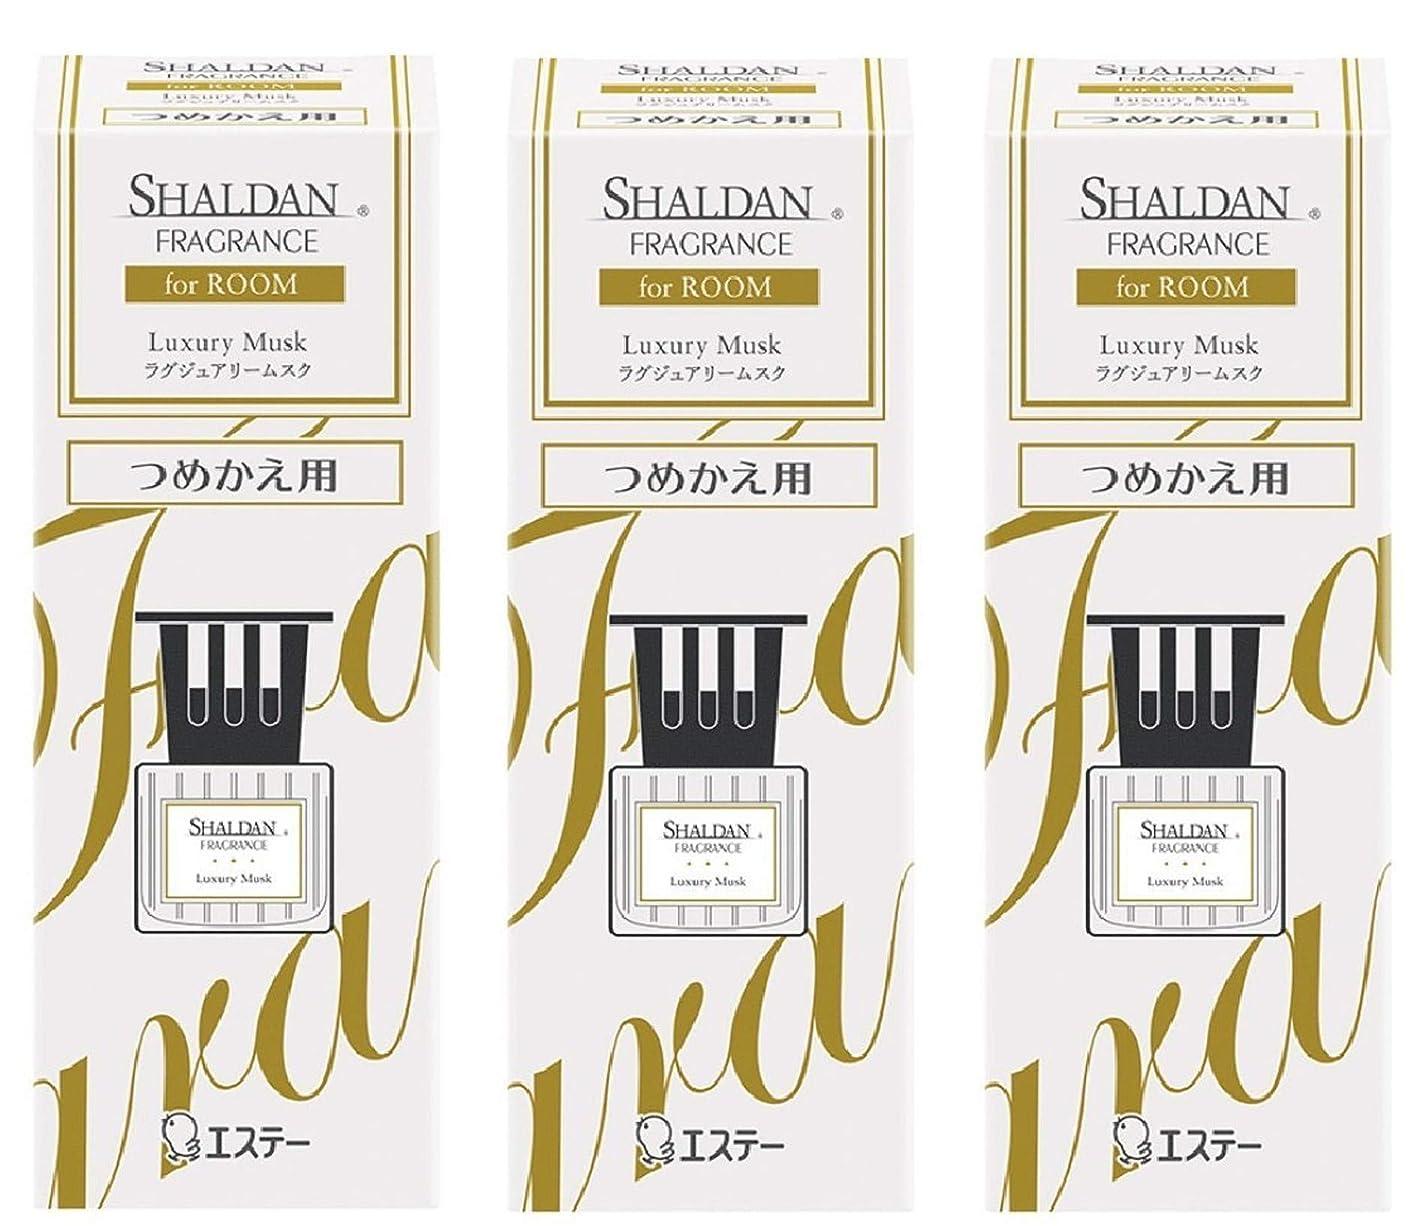 教耐えられる魔術【まとめ買い】シャルダン SHALDAN フレグランス for ROOM 芳香剤 部屋用 部屋 つめかえ ラグジュアリームスク 65ml×3個